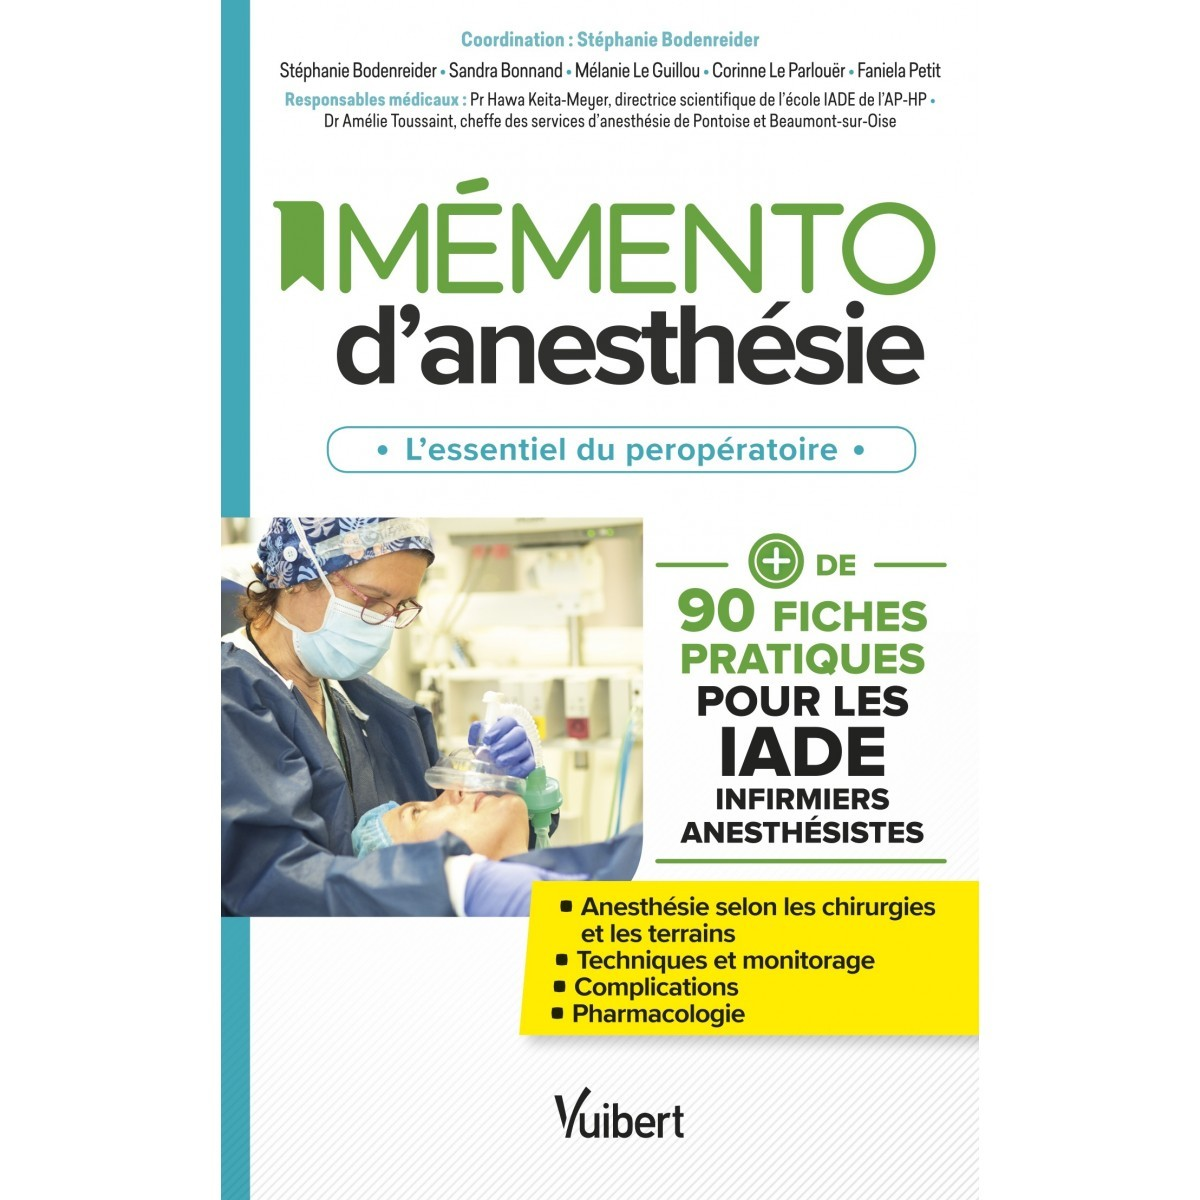 Mémento d'anesthésie